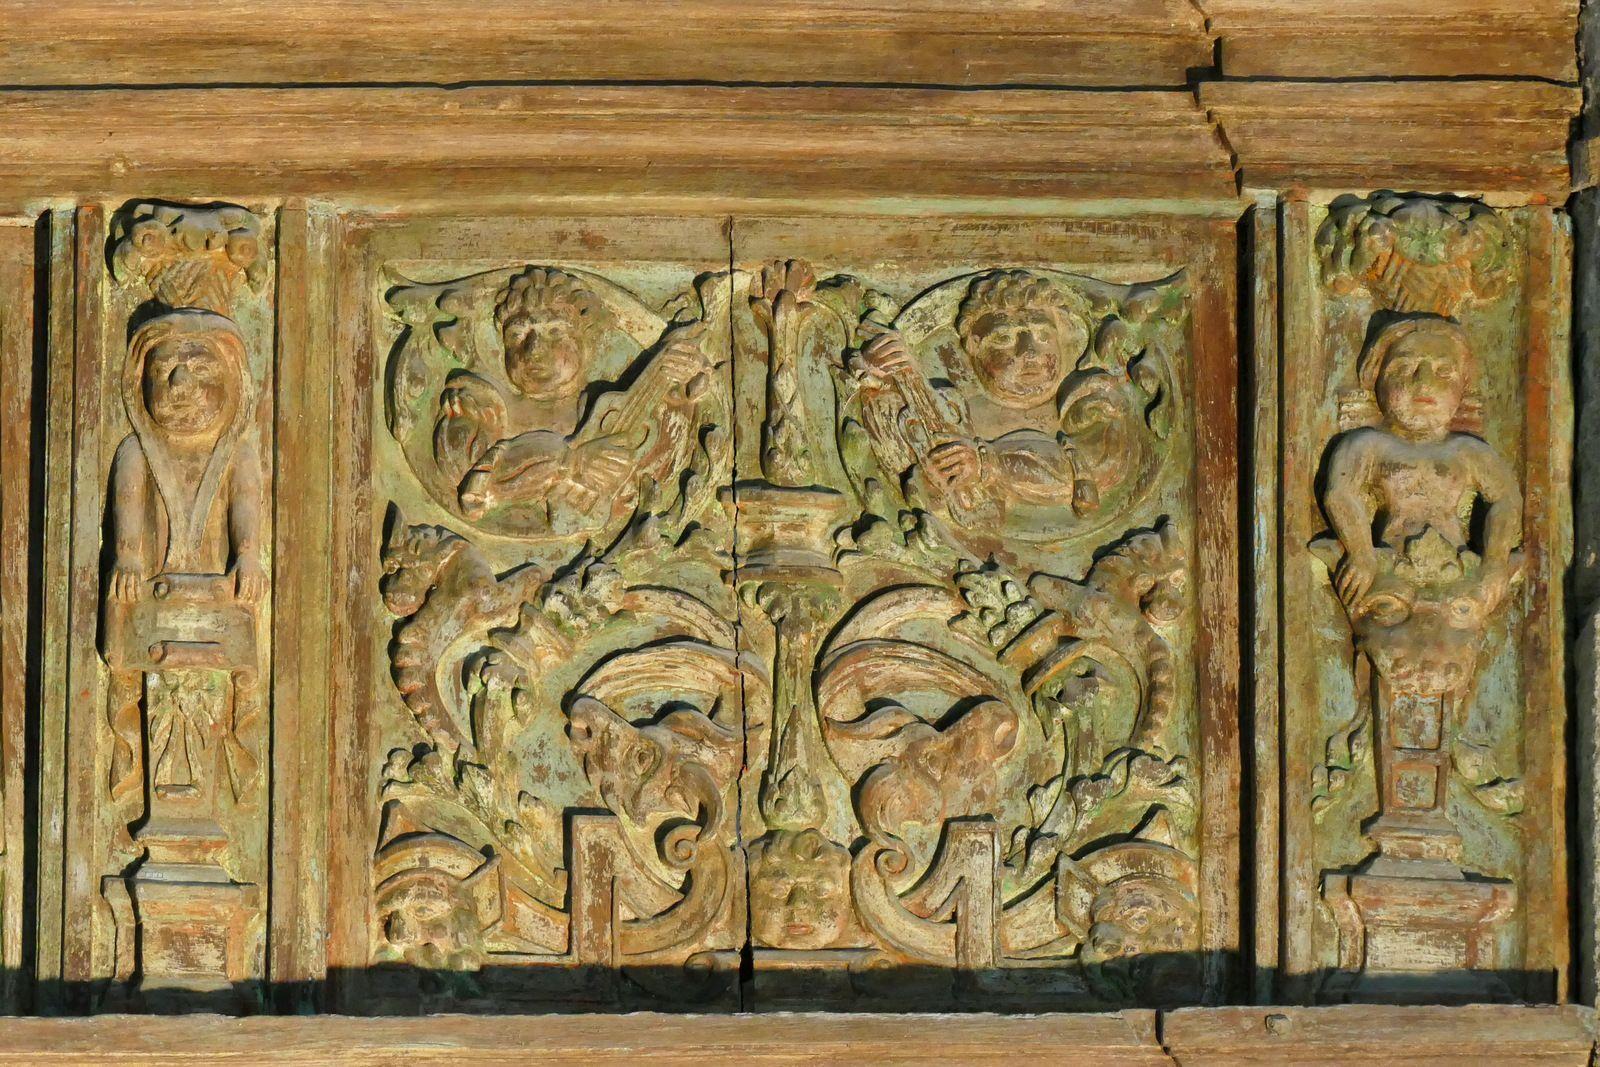 Clôture de chœur (bois, 1575-1580), bas-côté nord,  de la chapelle Saint-Herbot. Photographie lavieb-aile 4 août 2021.